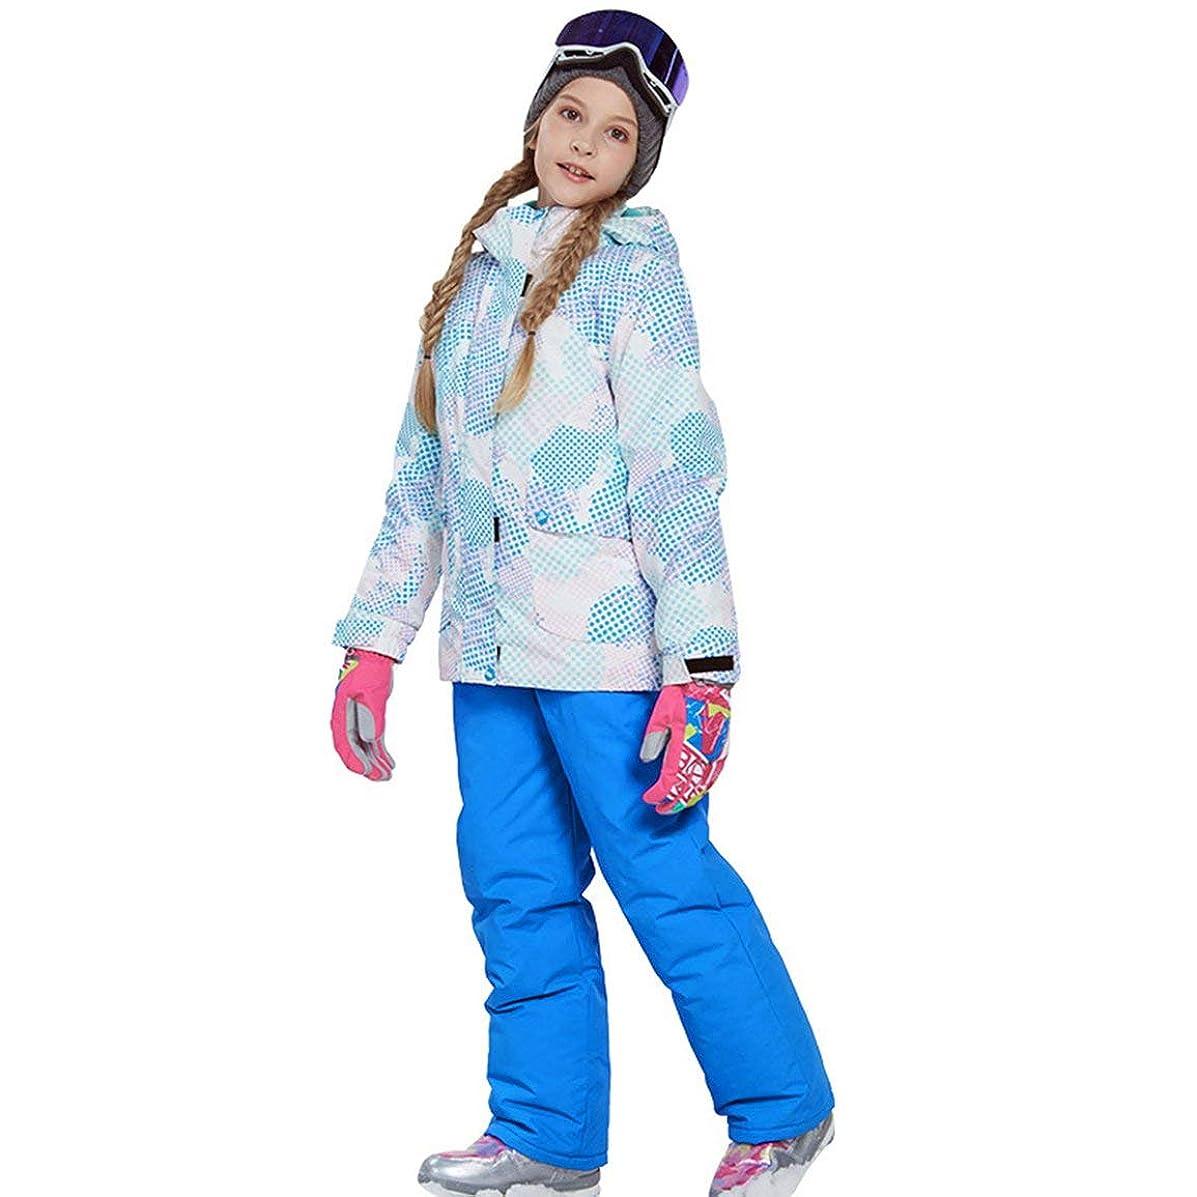 玉ねぎ考慮メカニックラブリーボーイズガールズウィンタースノーボードパーカージャケットスノービブスノースーツセット暖かいスノースーツフード付きスキージャケット+パンツ2個セット-スカイブルー116